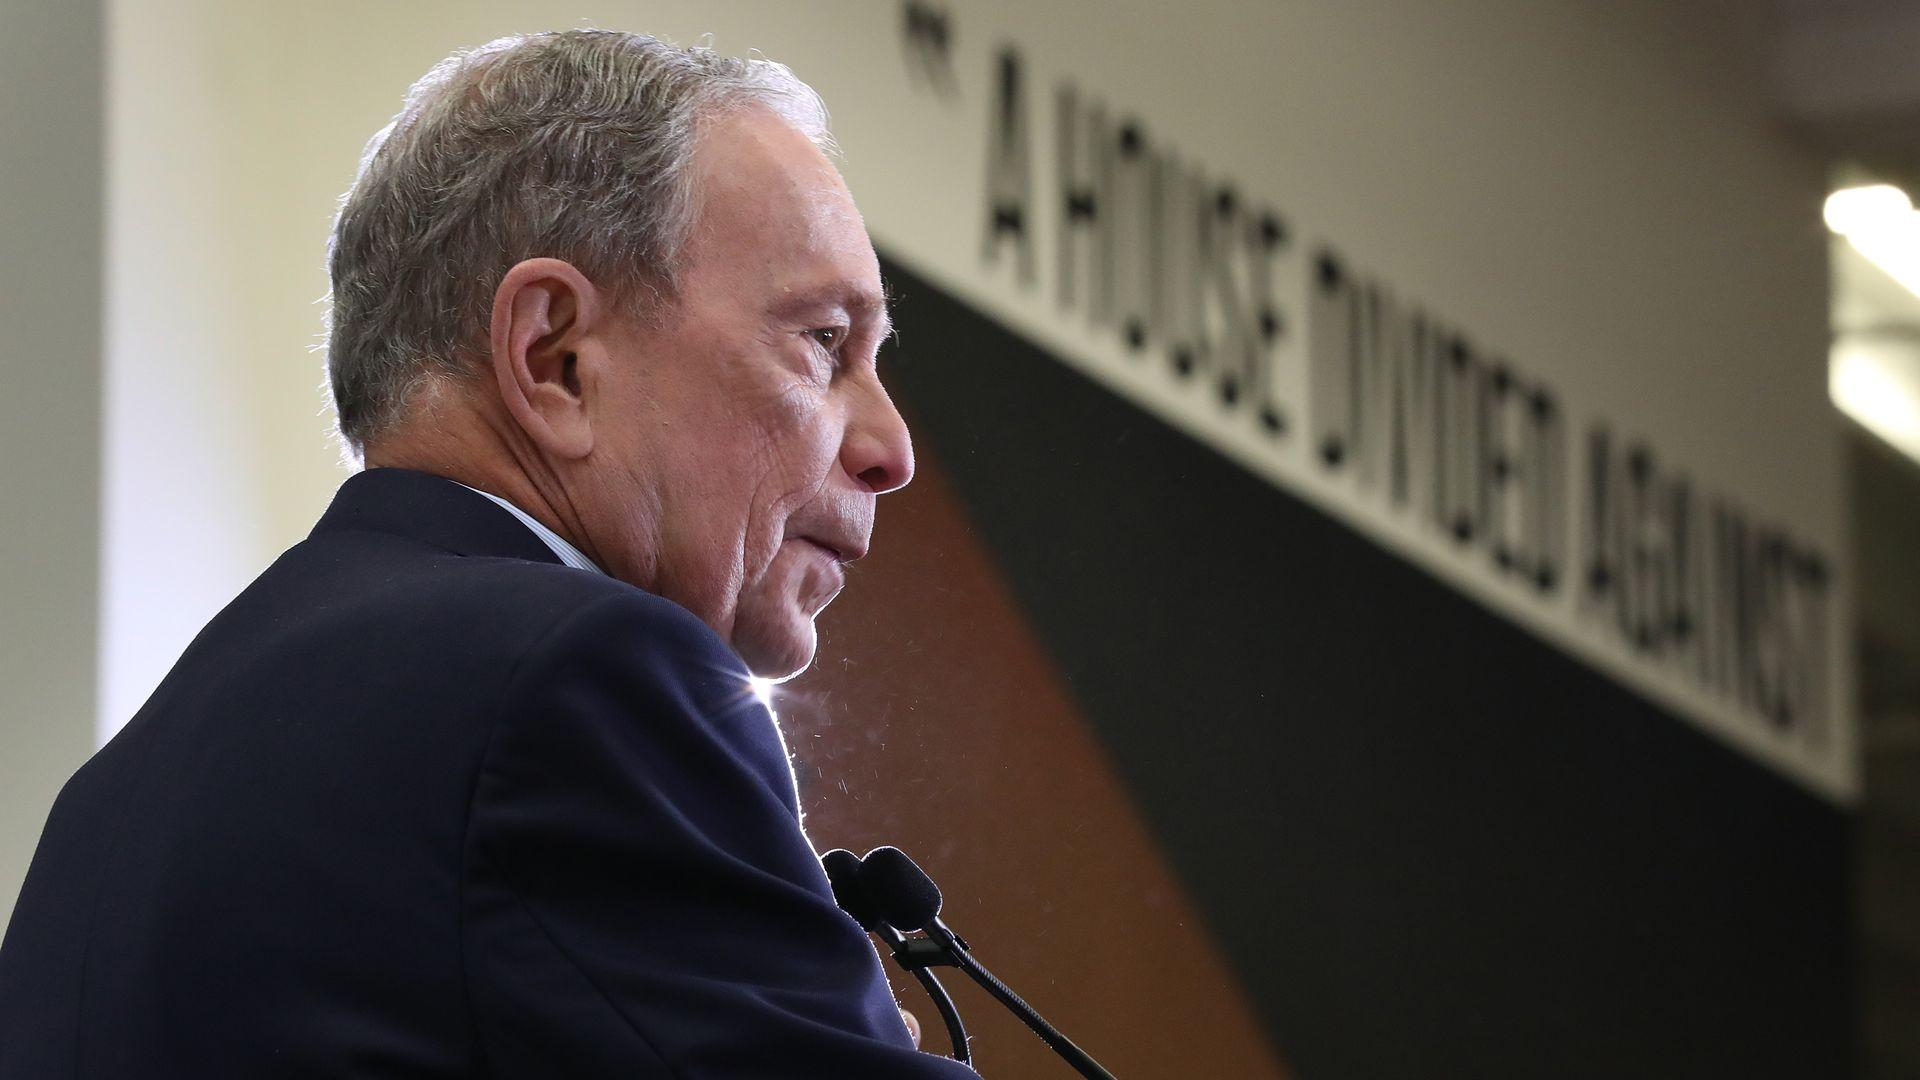 Michael Bloomberg backs statehood for Puerto Rico